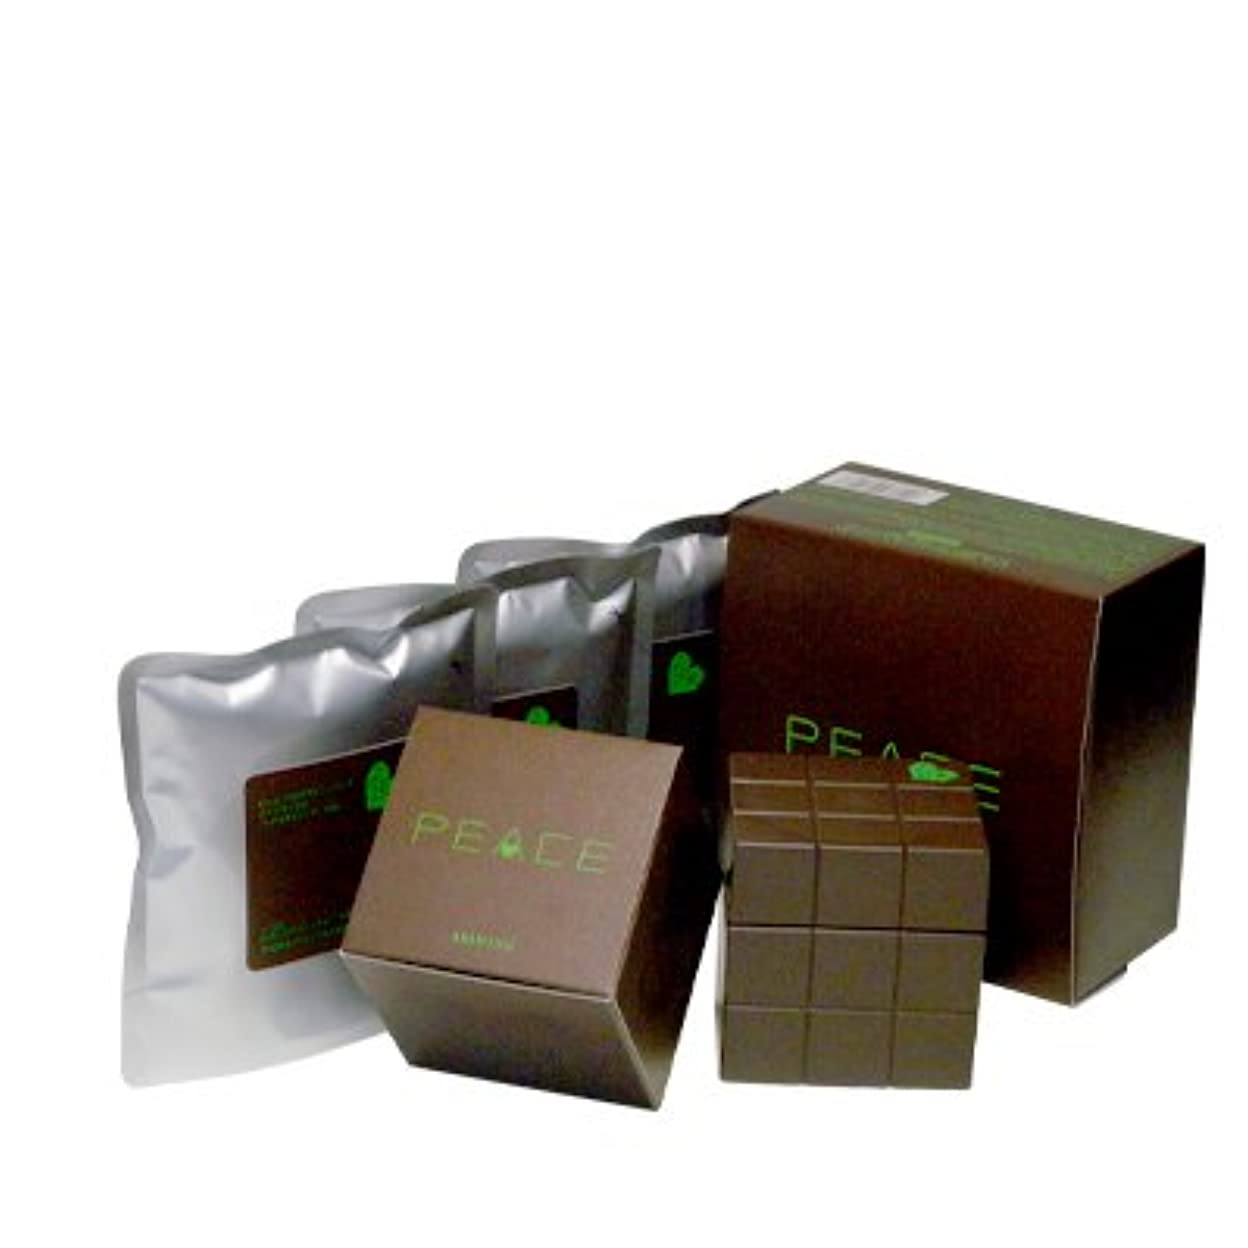 絶滅させる大混乱たぶんアリミノ ピース プロデザインシリーズ ハードワックス チョコ80g+詰め替え80g×3